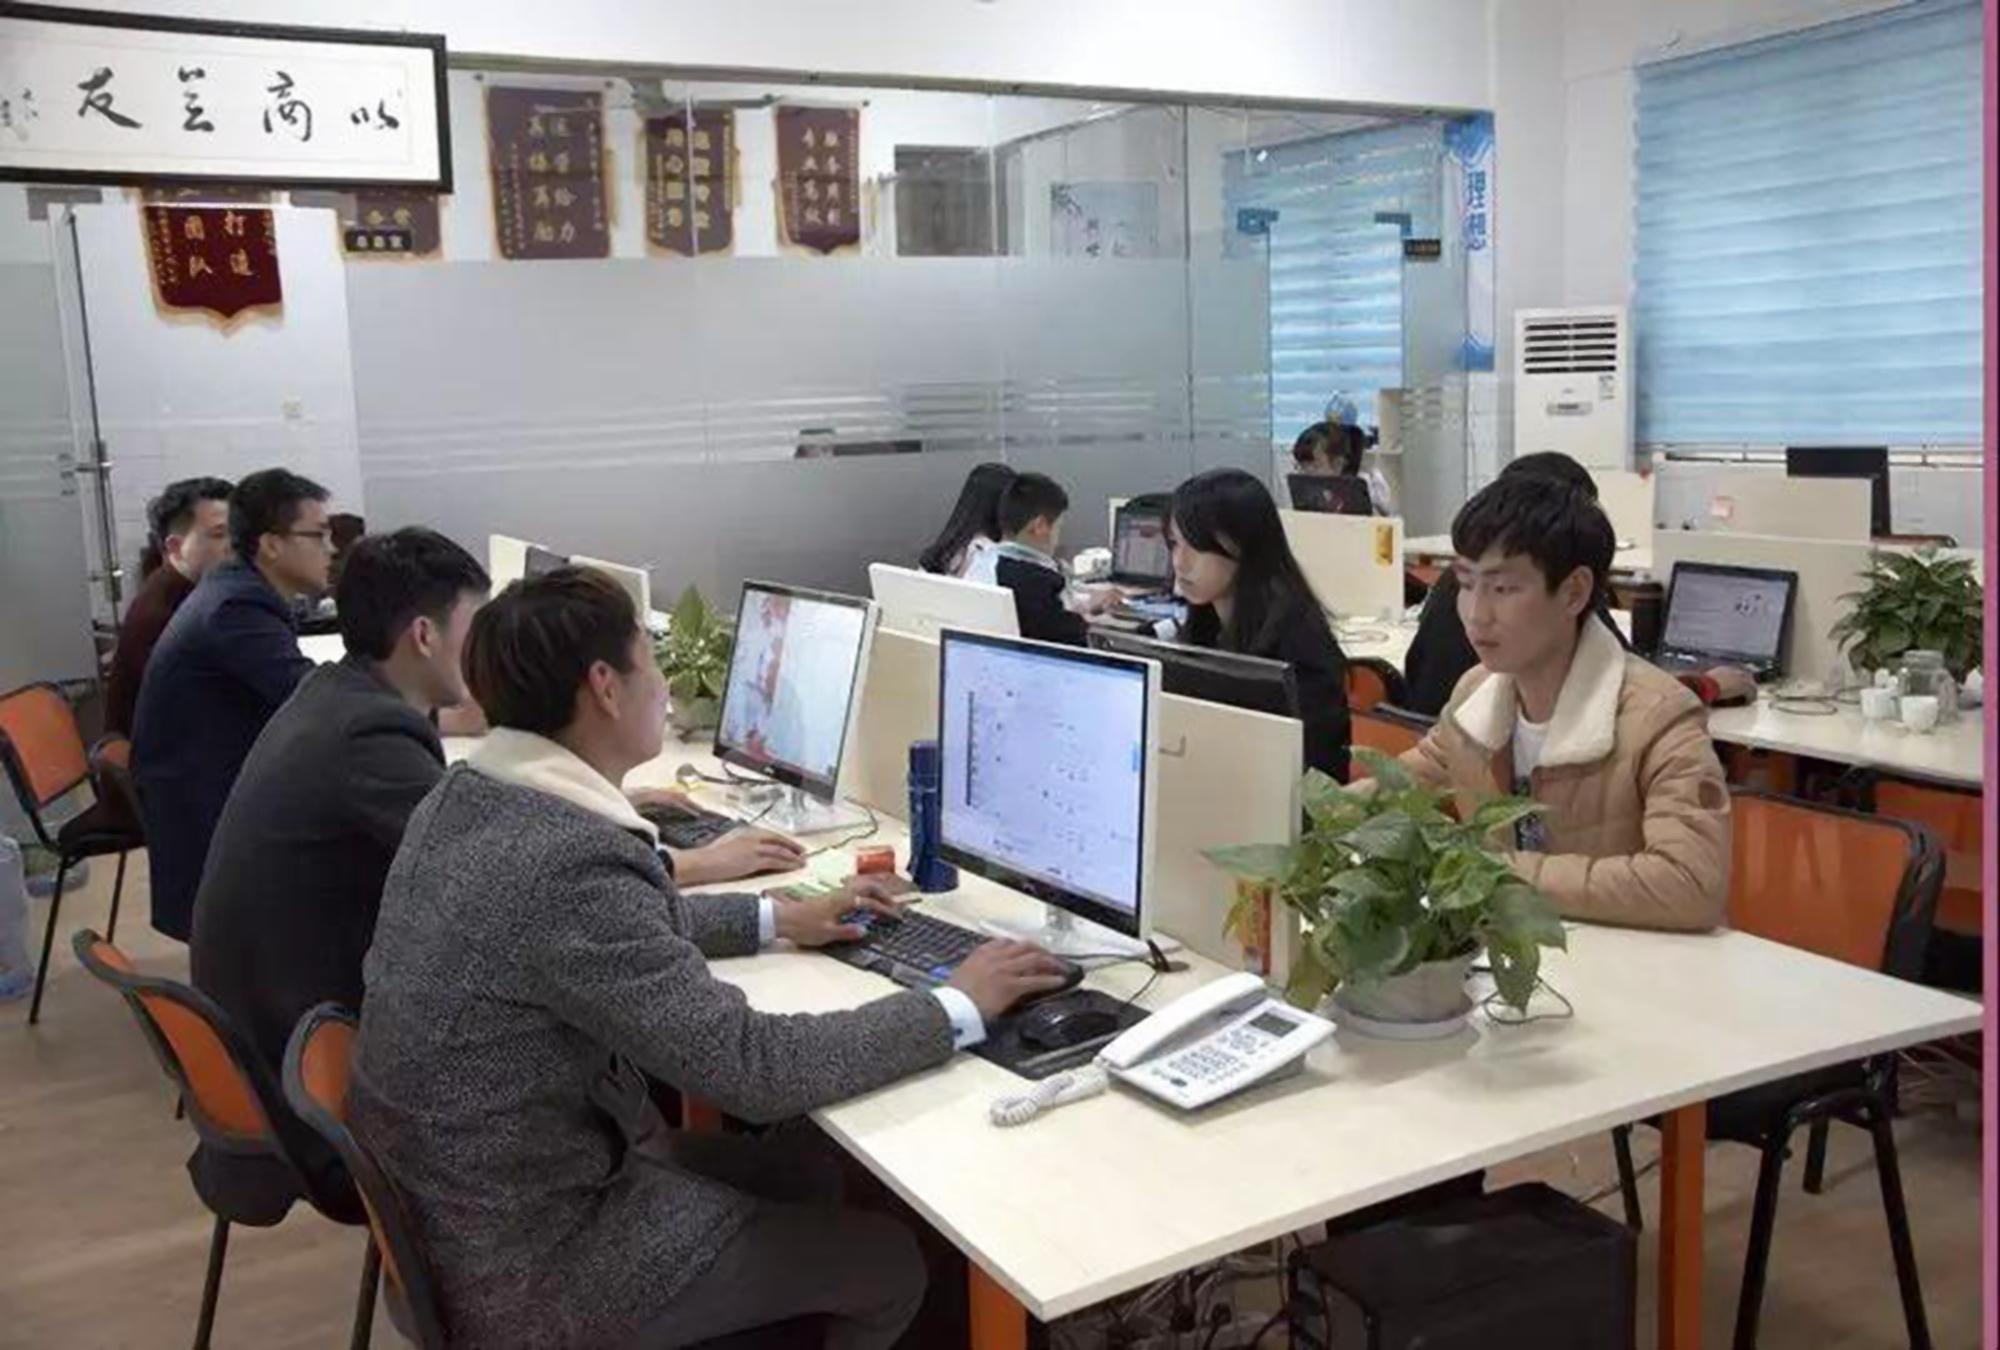 清华大学:会计学专业停止本科招生,会计行业两极分化要重视